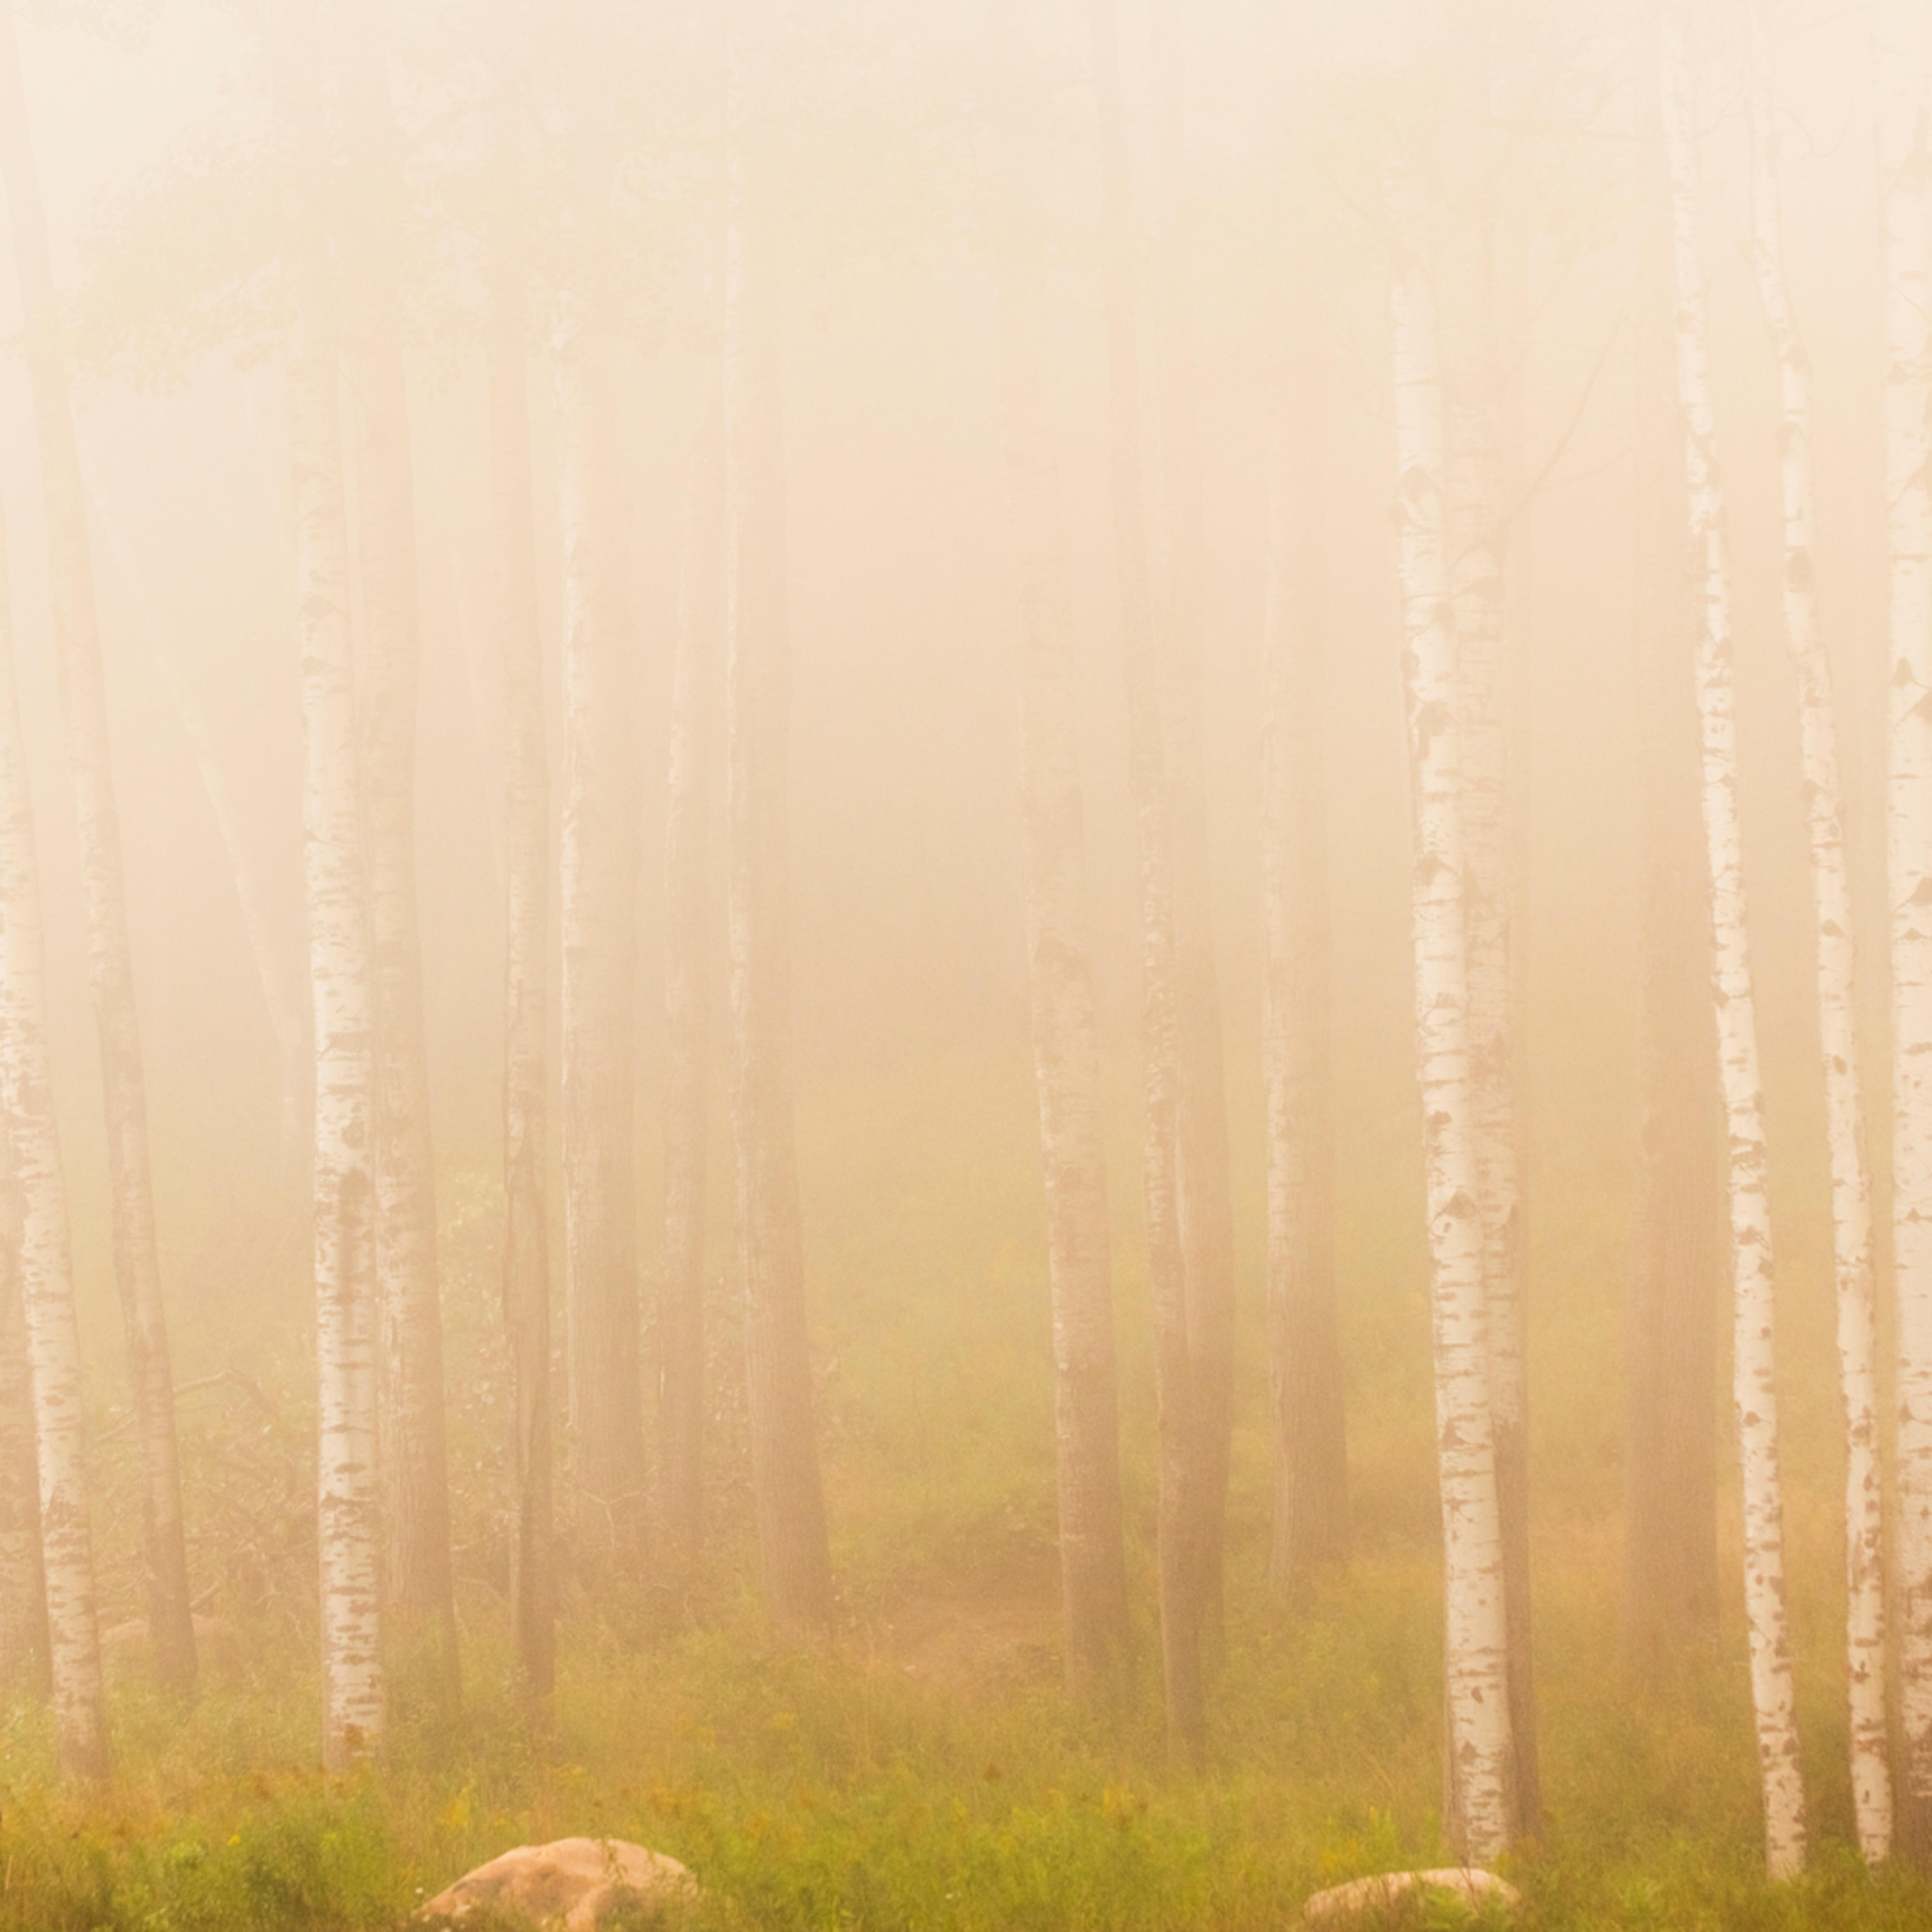 Birch trees 1 cbhbfv